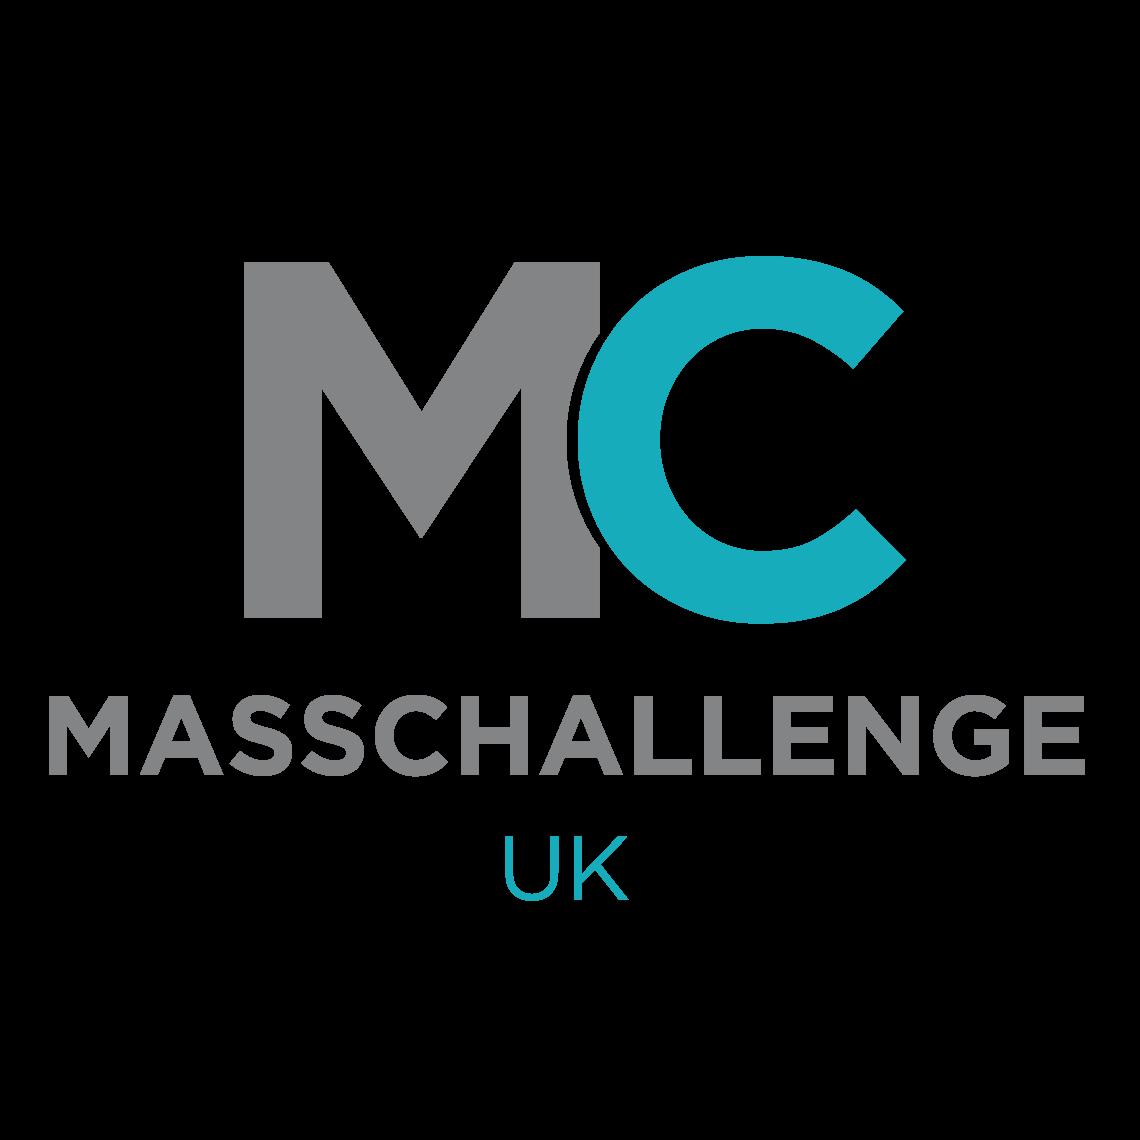 masschallenge-logo-2015.png